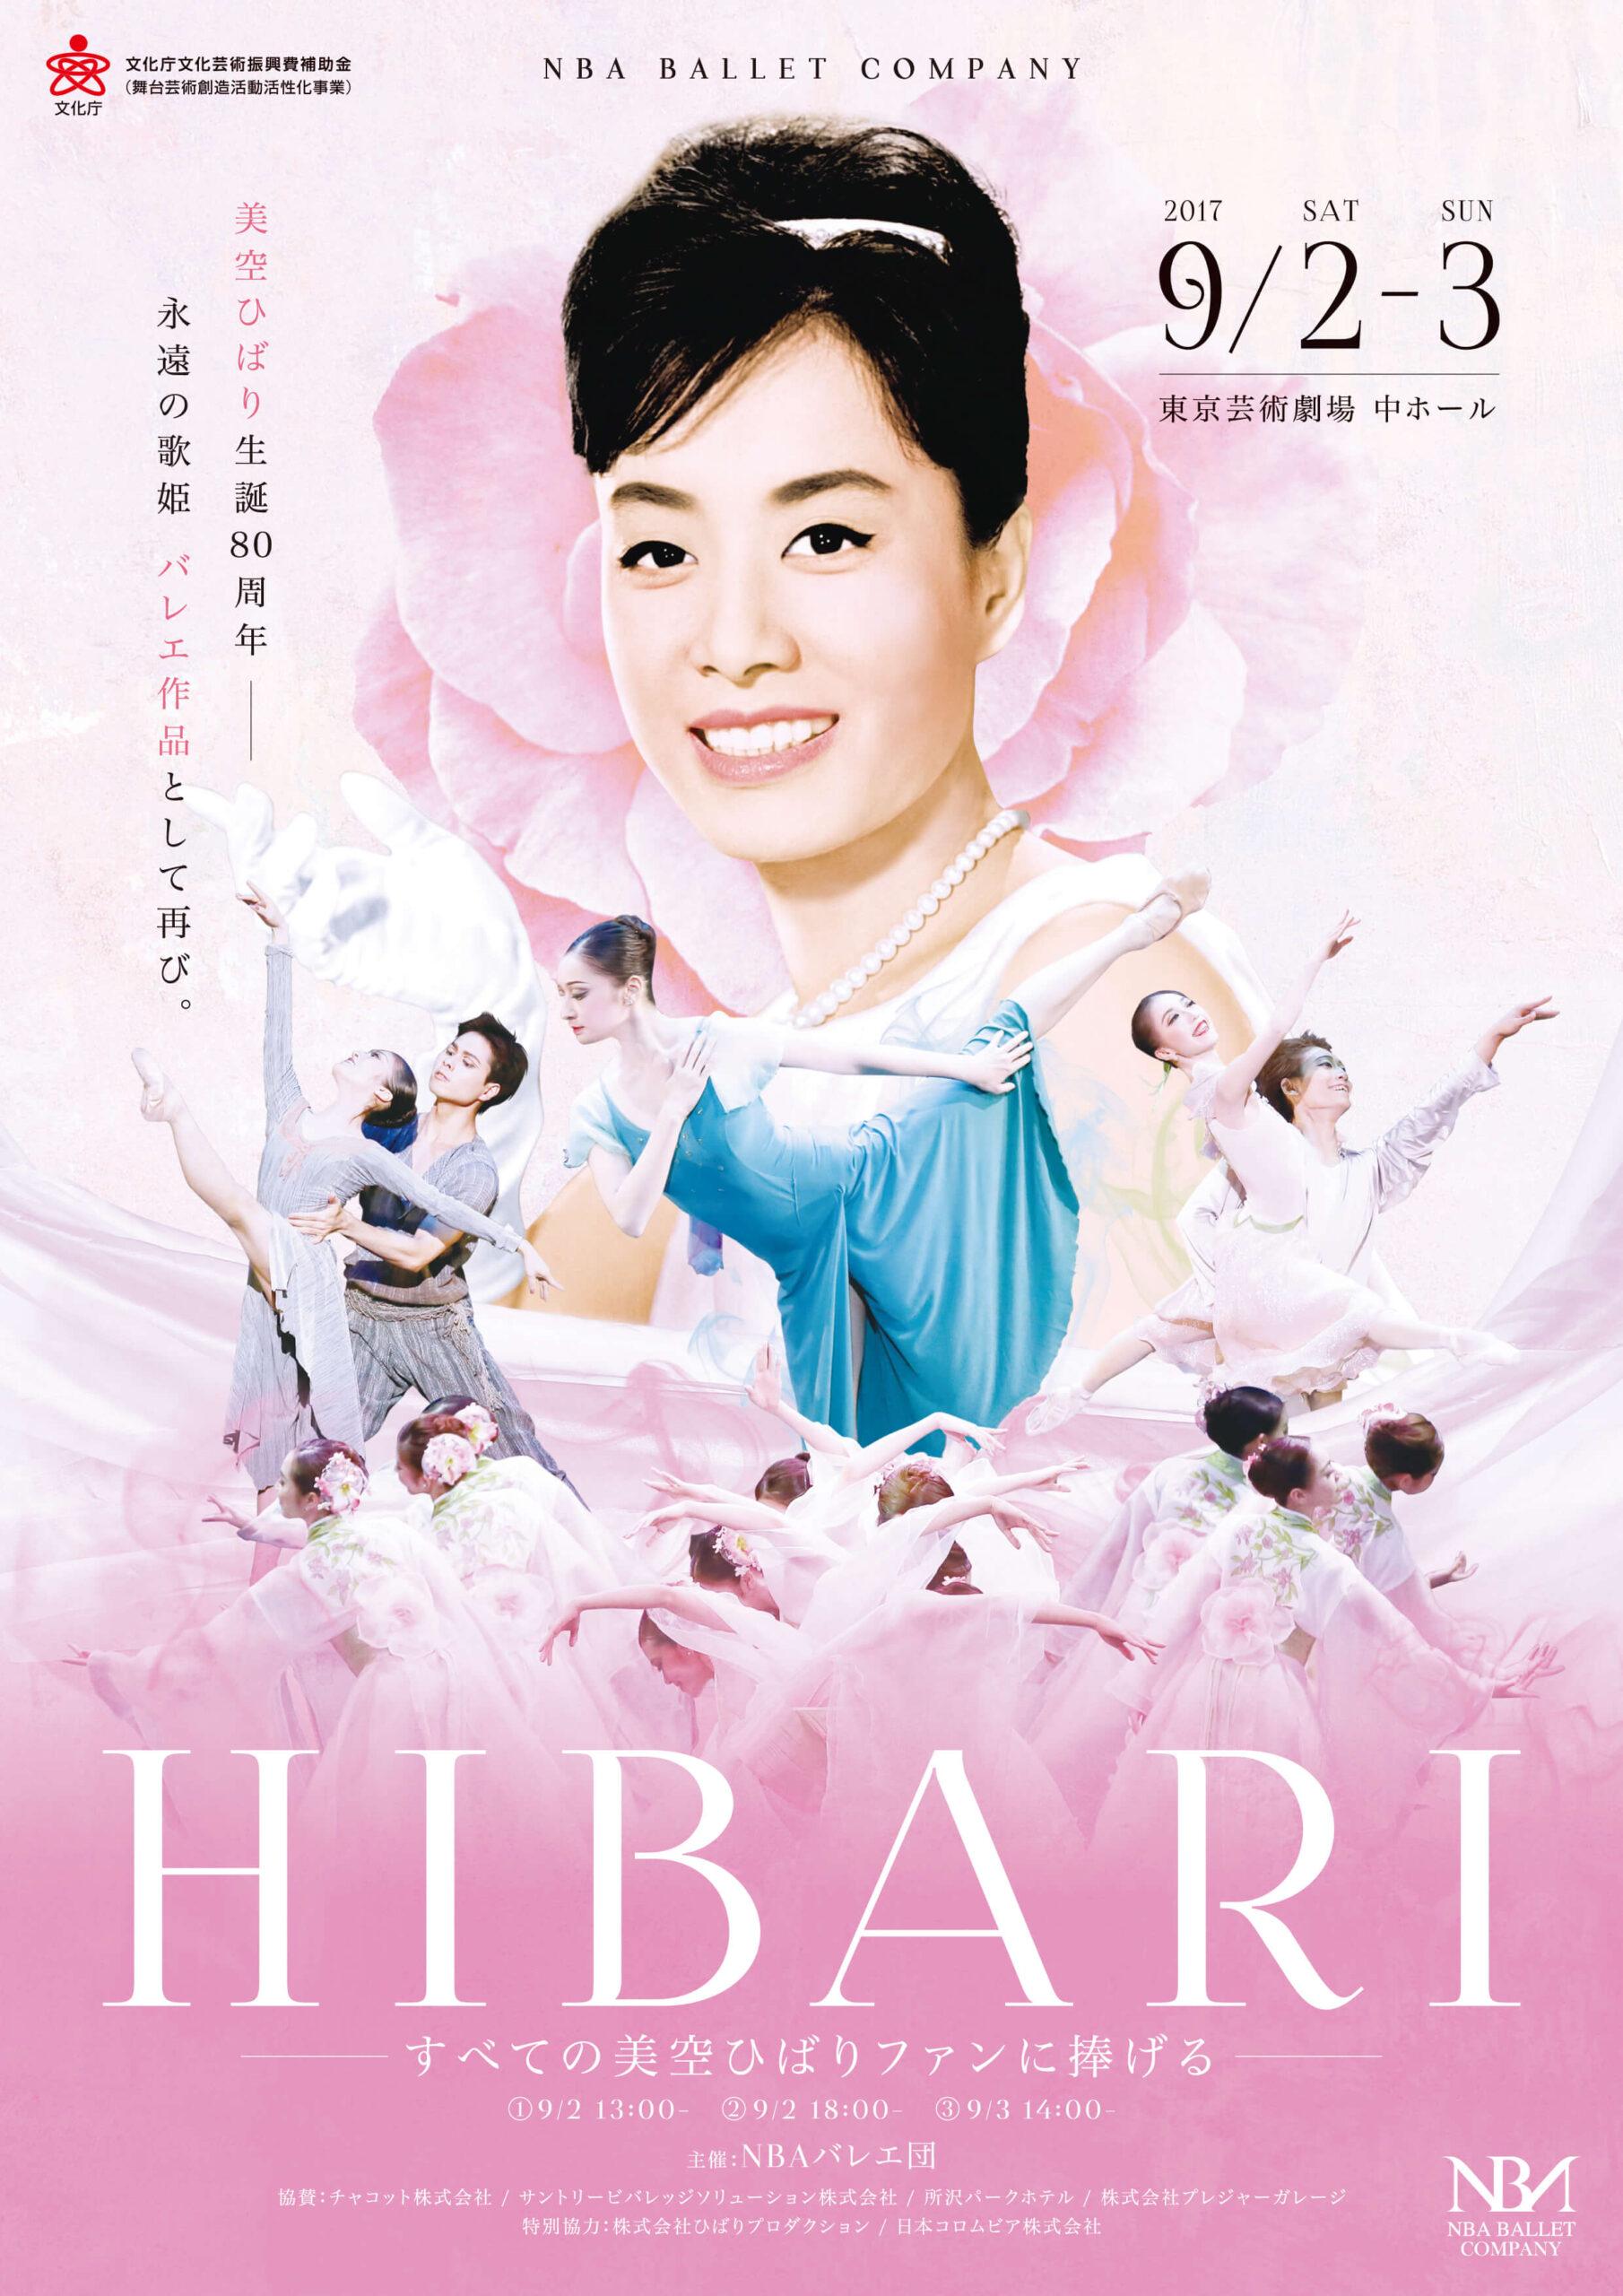 NBAバレエ団公演 HIBARI ~すべての美空ひばりファンに捧げる